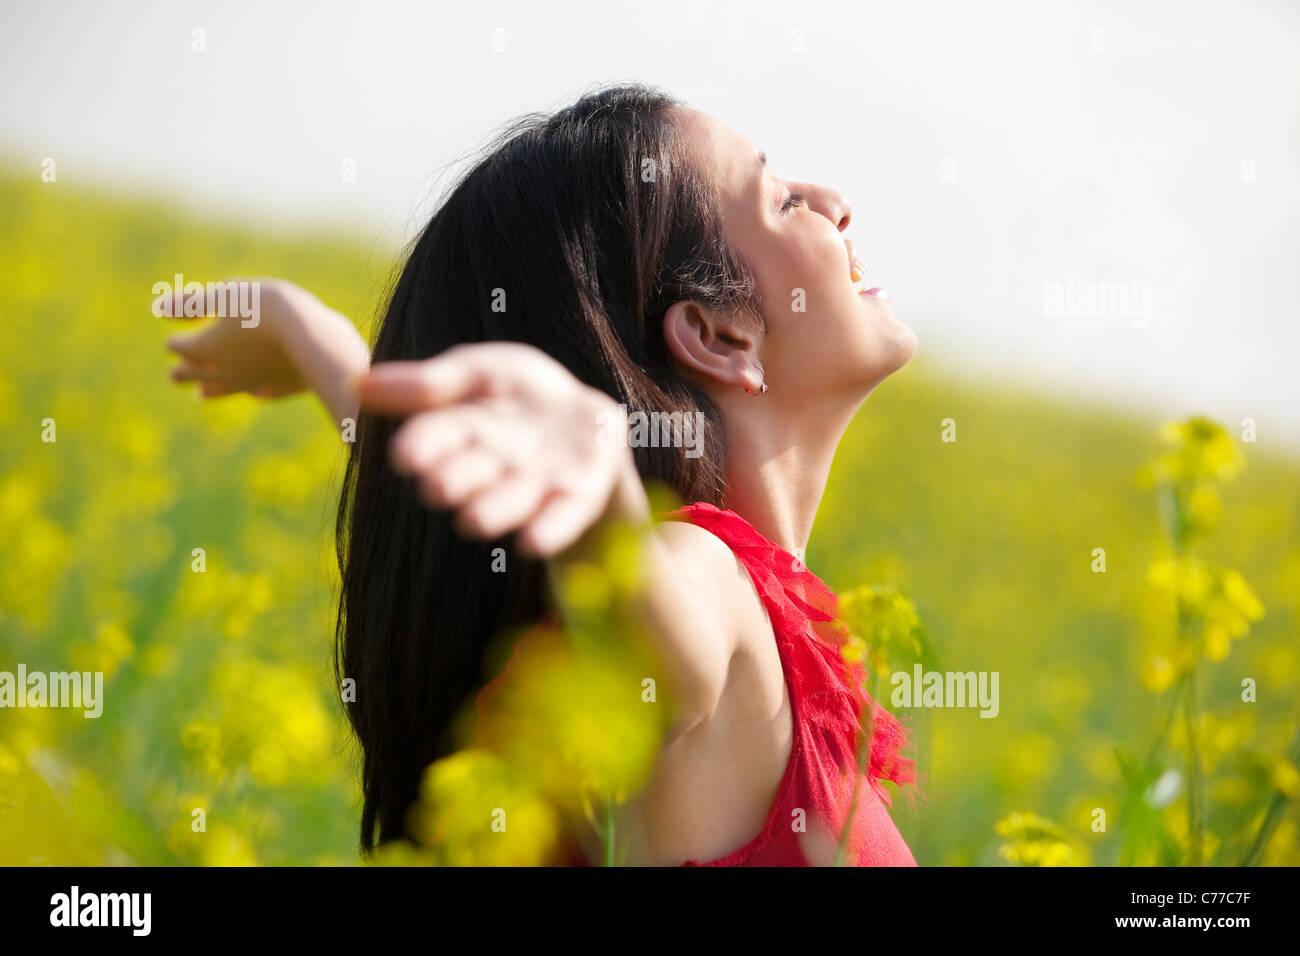 Giovane donna che si gode in un campo Immagini Stock